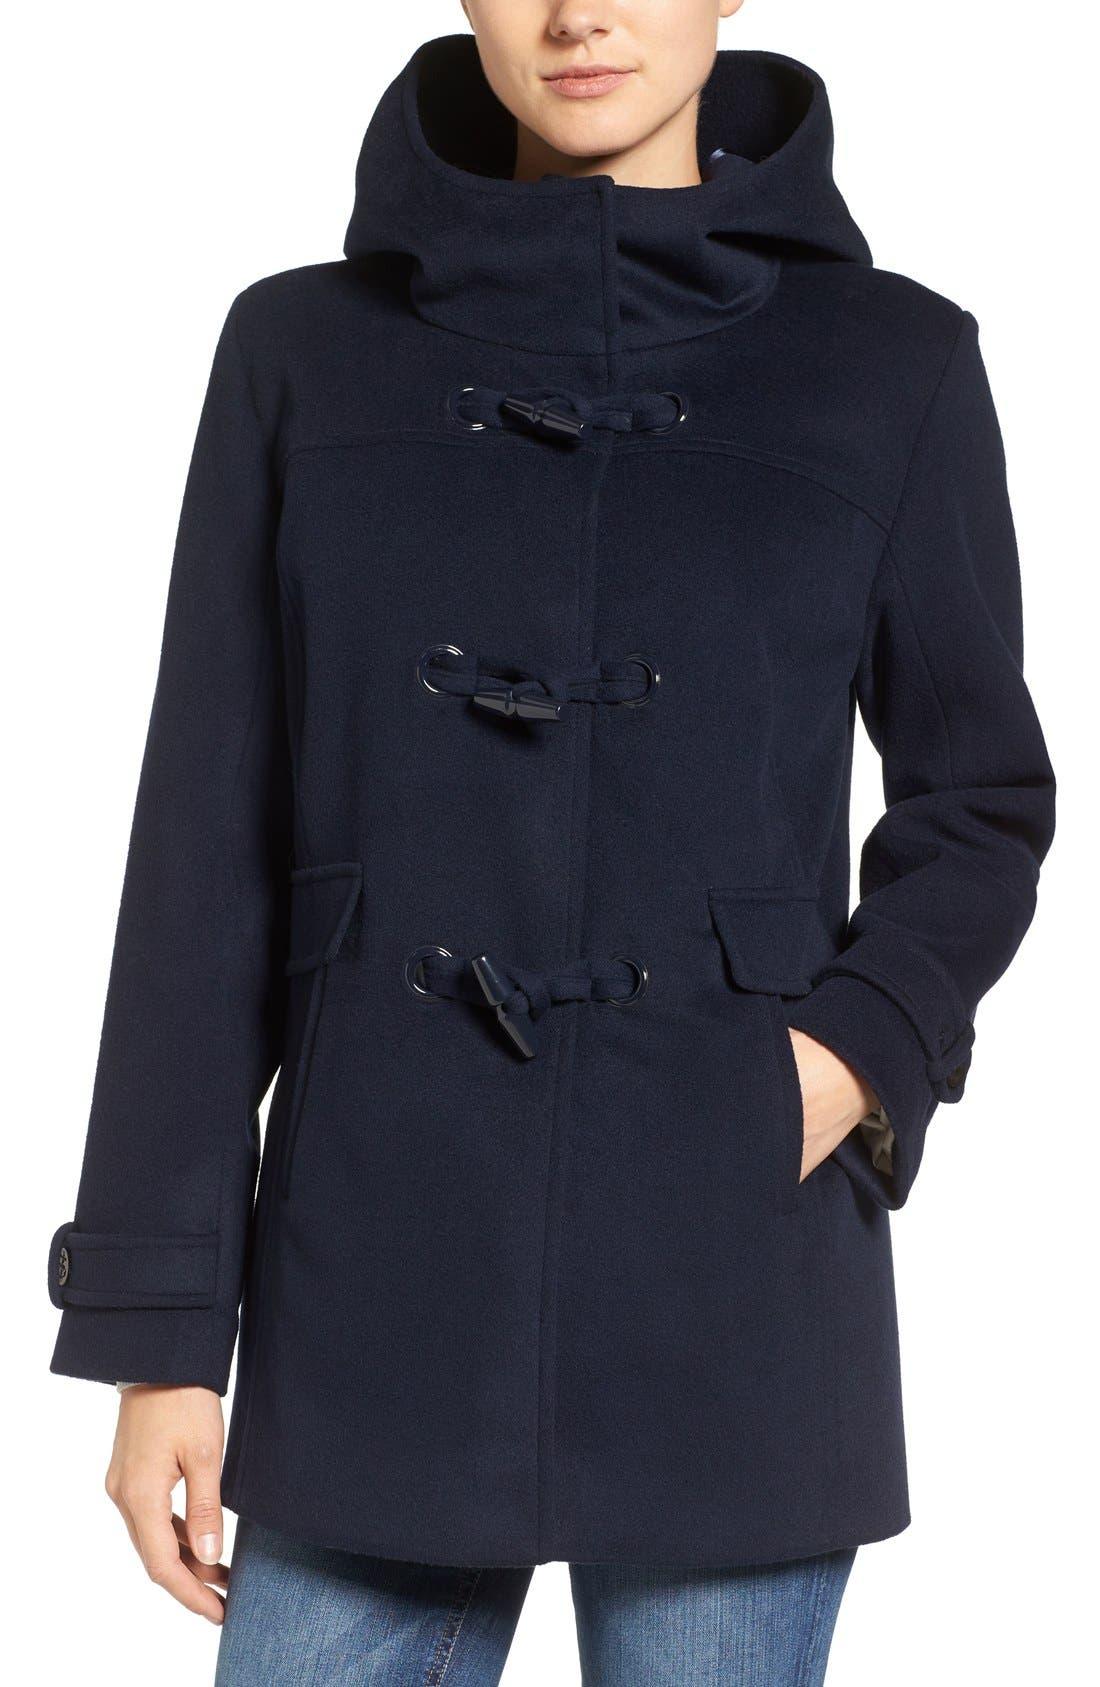 Alternate Image 1 Selected - Pendleton Roslyn Waterproof Lambswool Blend Hooded Coat